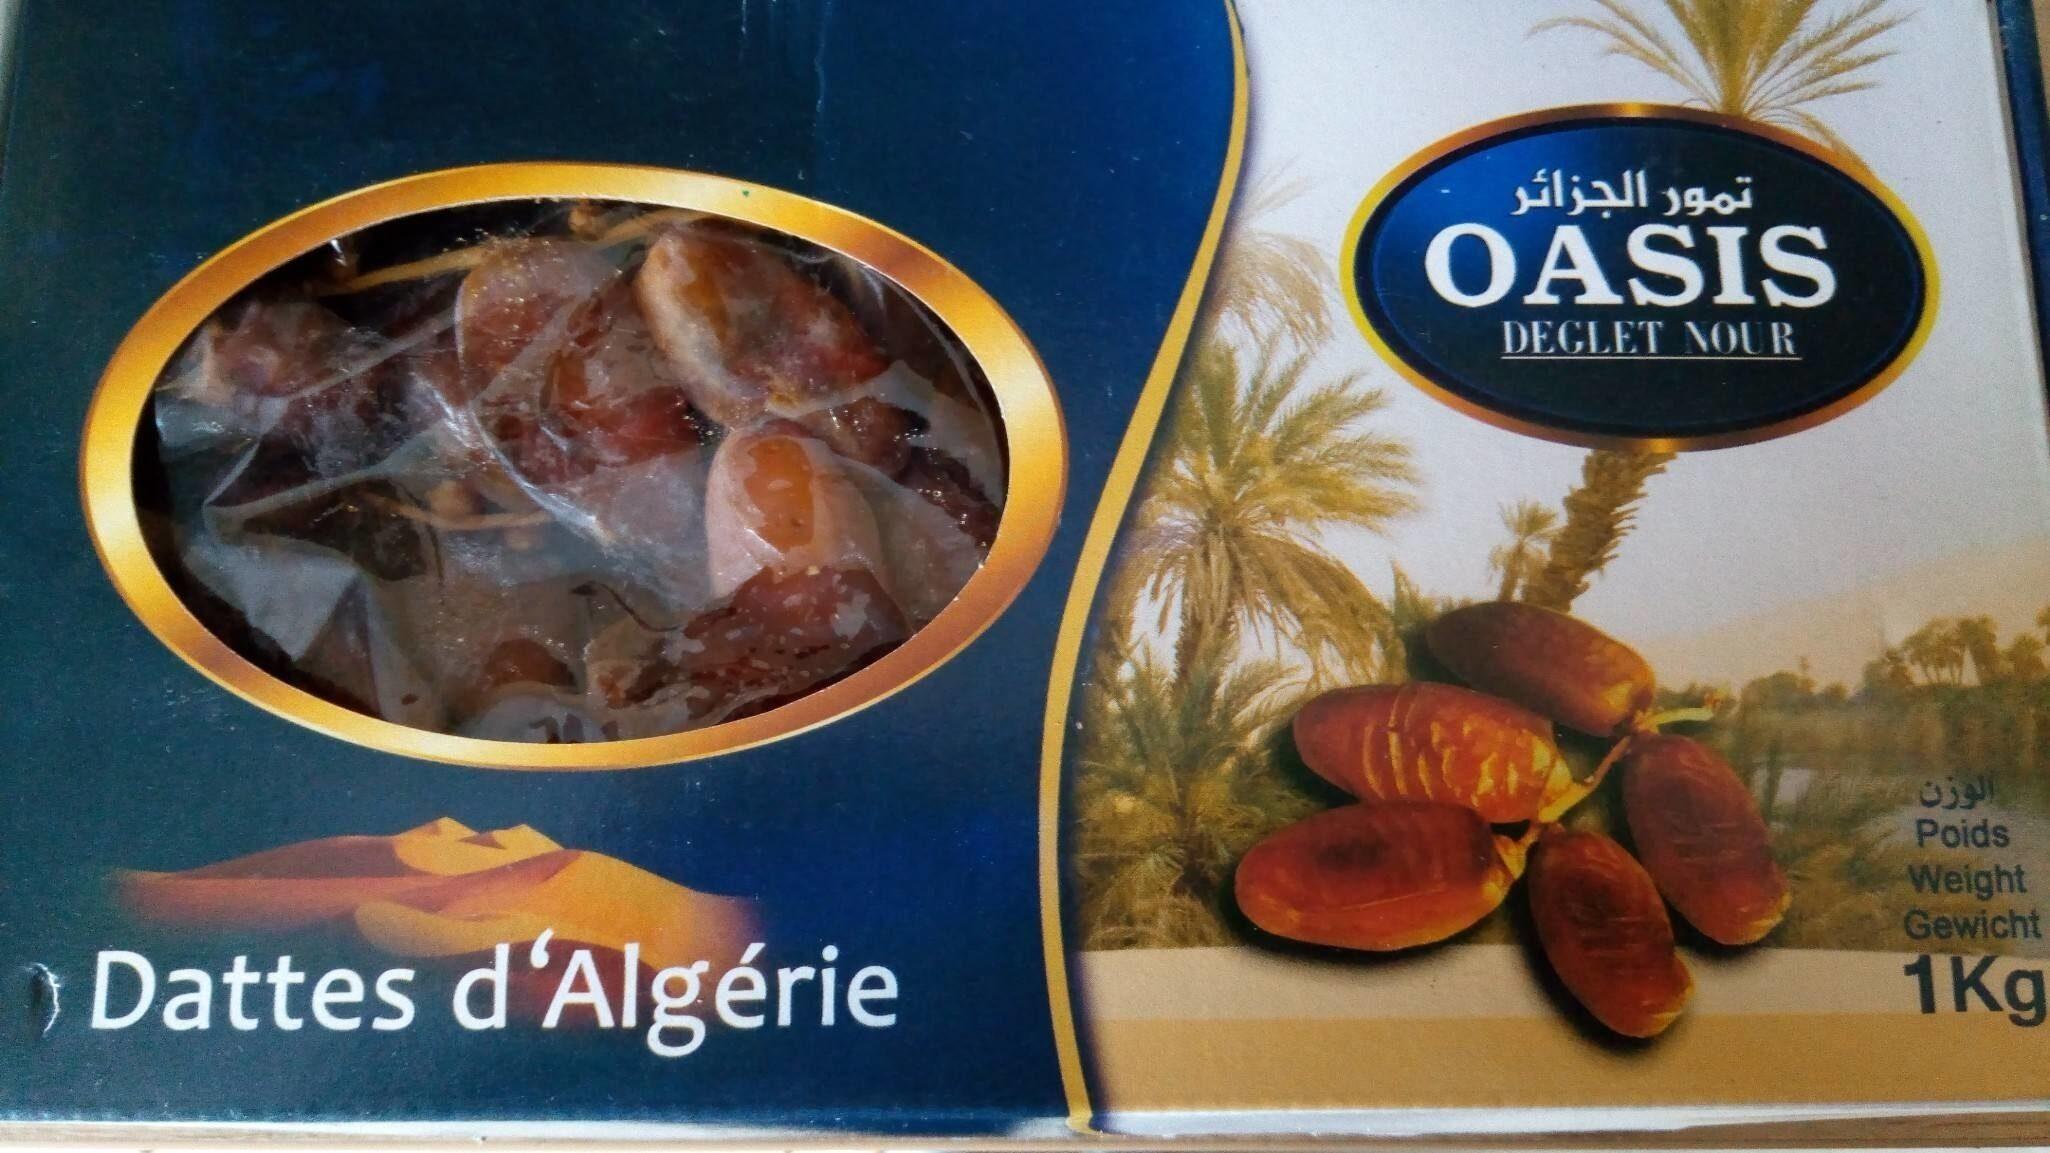 Dattes d'Algérie - نتاج - fr